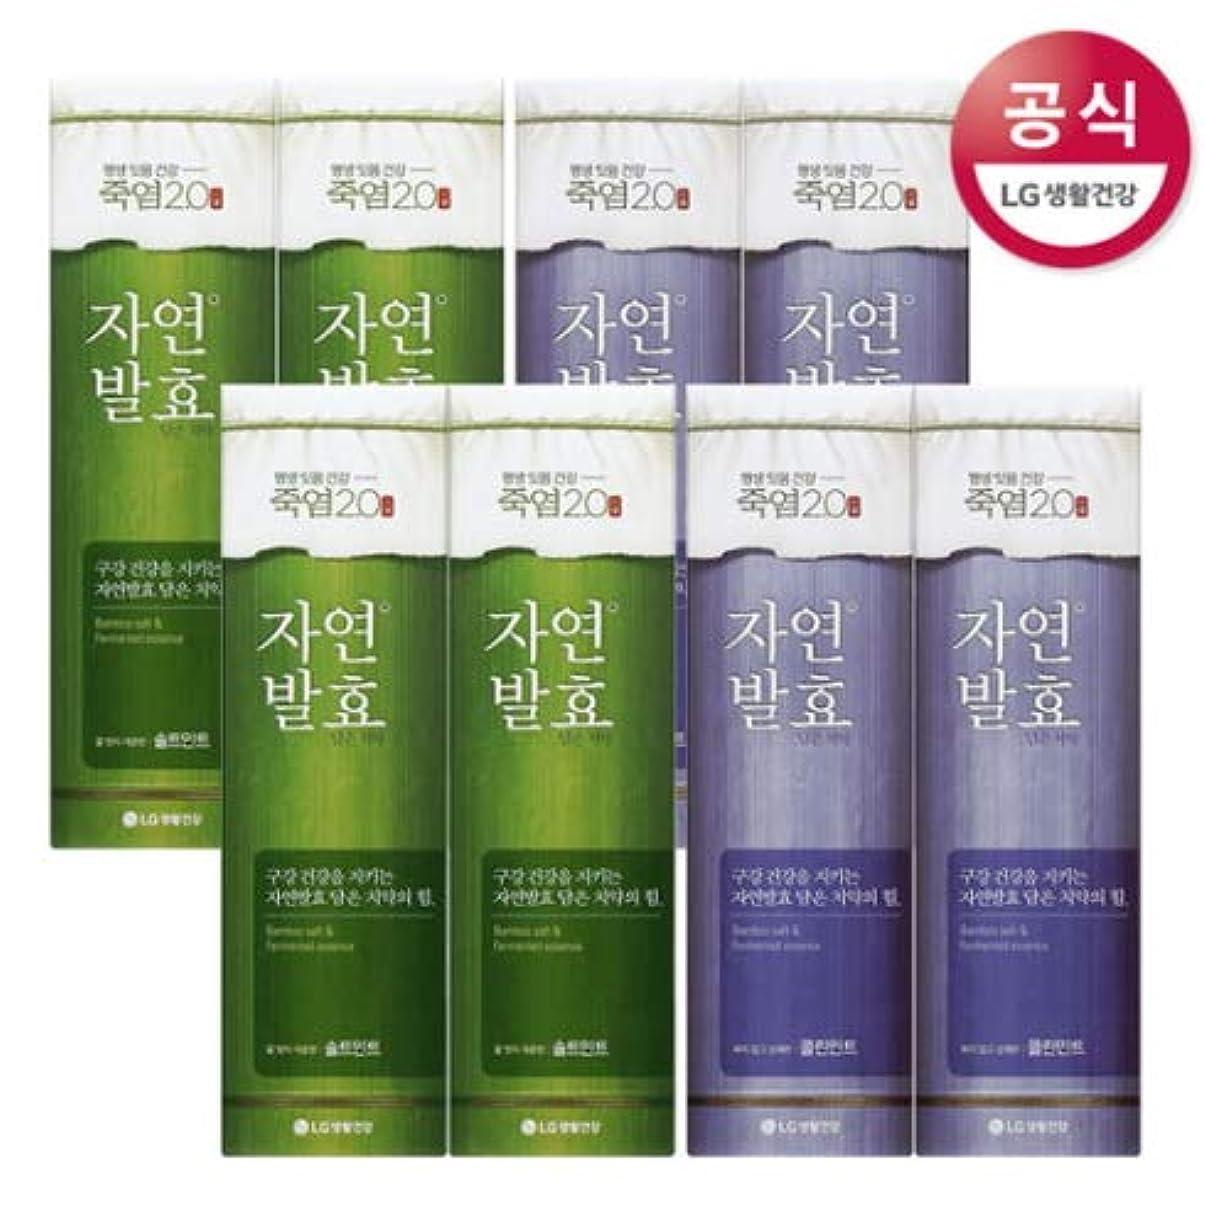 徹底的に突進厚さ[LG HnB] Bamboo salt natural fermentation toothpaste/竹塩自然発酵入れた歯磨き粉 100gx8個(海外直送品)